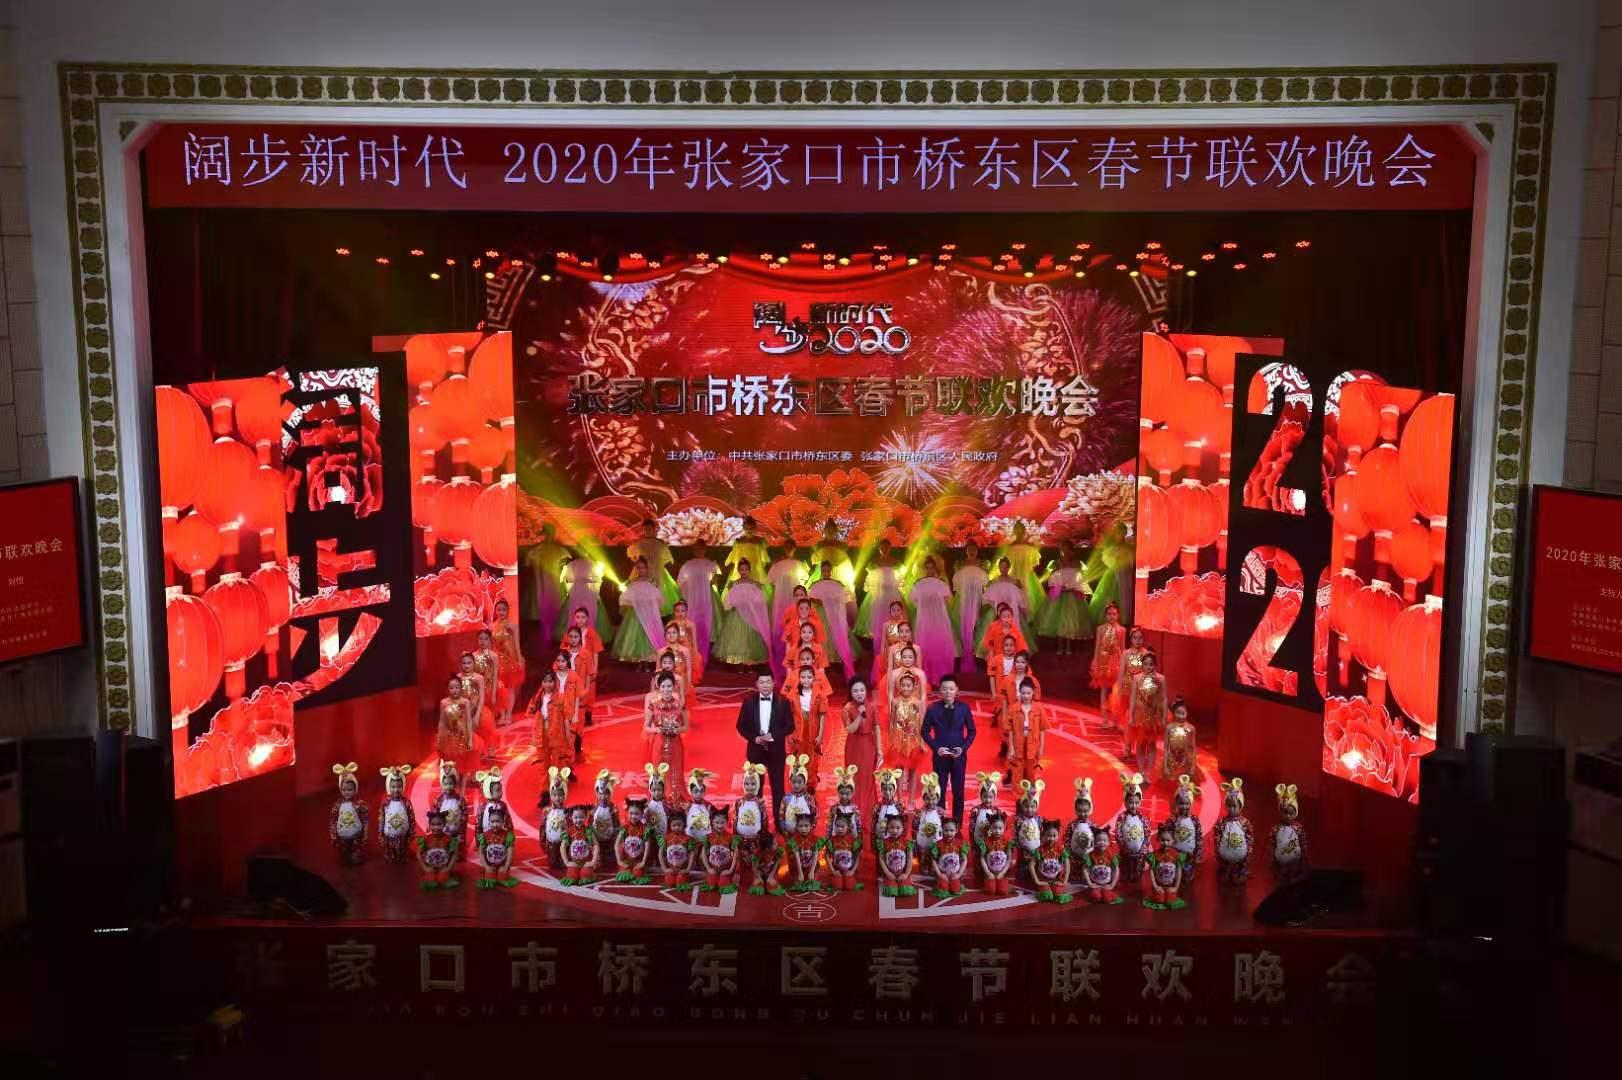 【新春走基层】河北张家口桥东区:红红火火迎新春